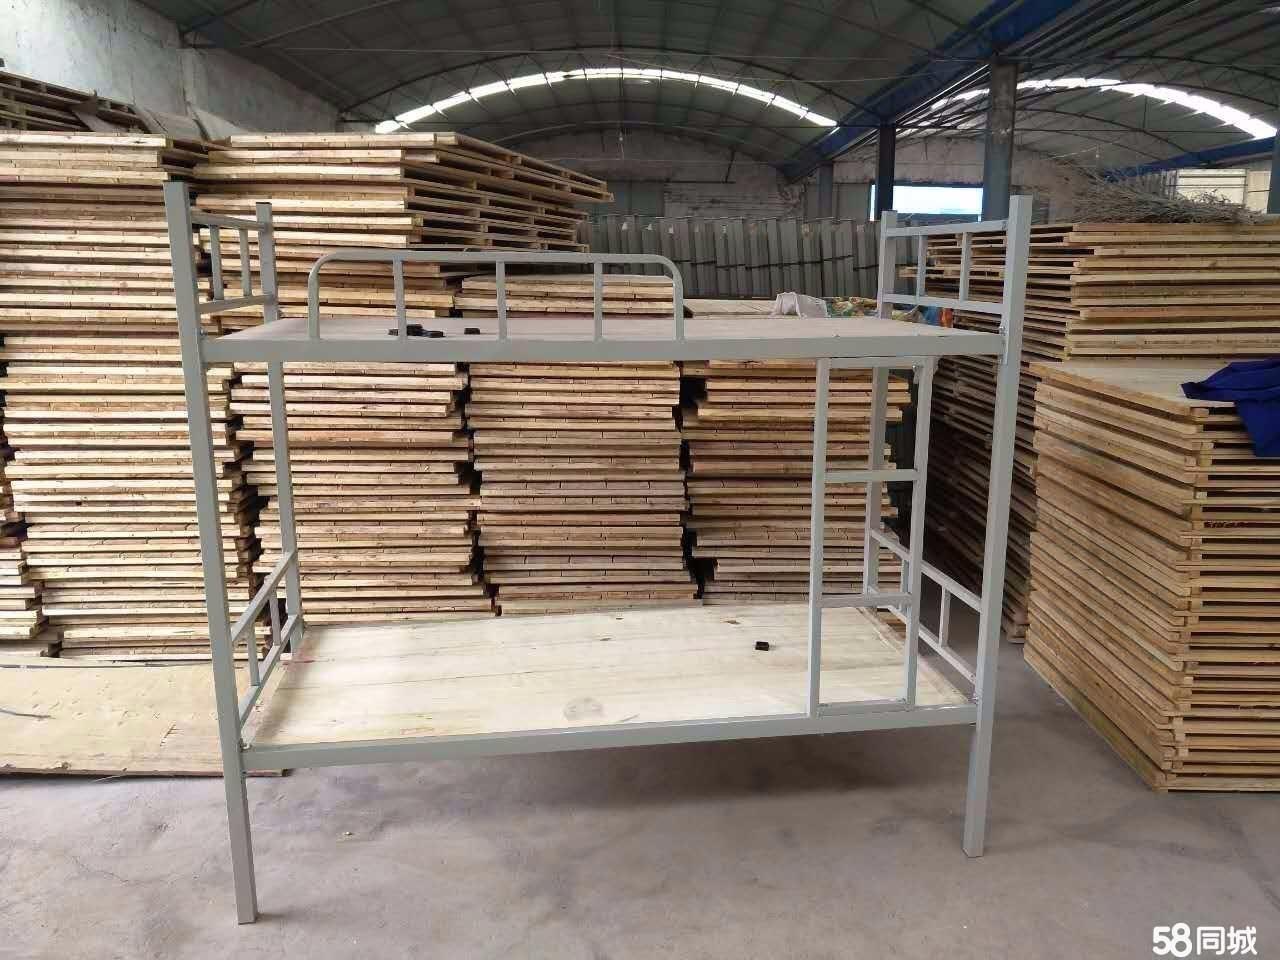 郑州双层床供应商郑州哪里有供应报价合理的郑州双层床